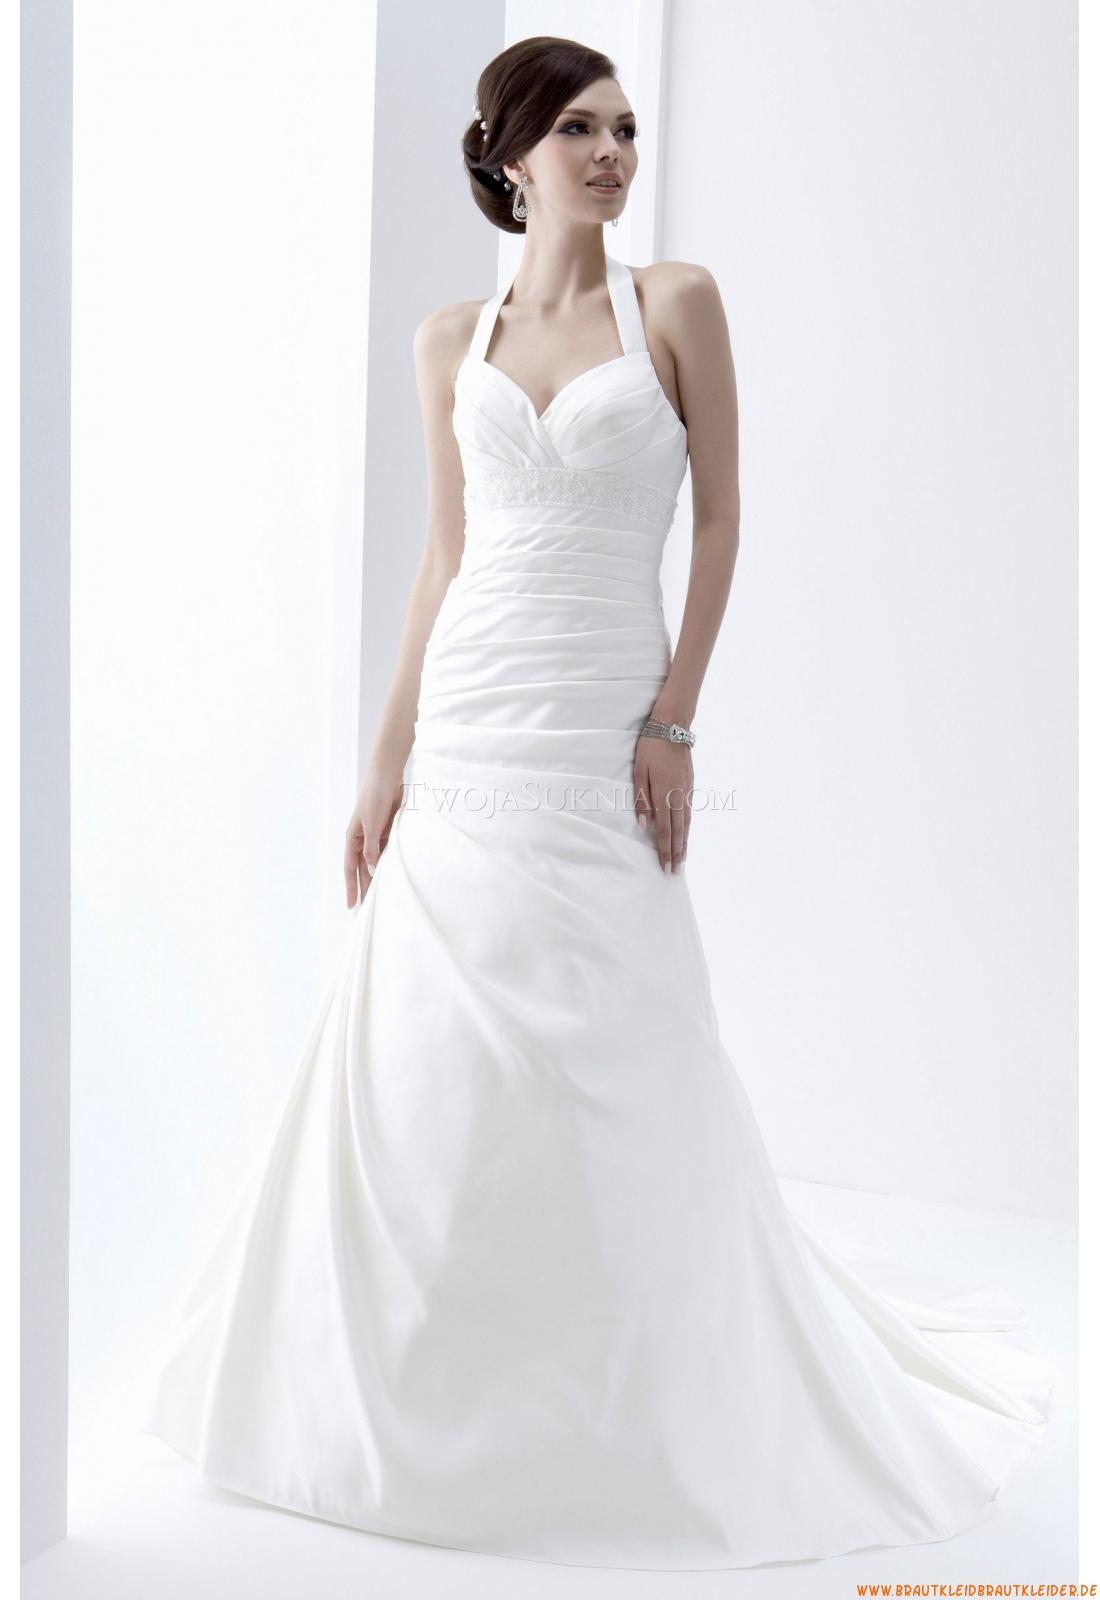 Kristall Günstige Brautkleider | lea | Pinterest | Brautkleider ...